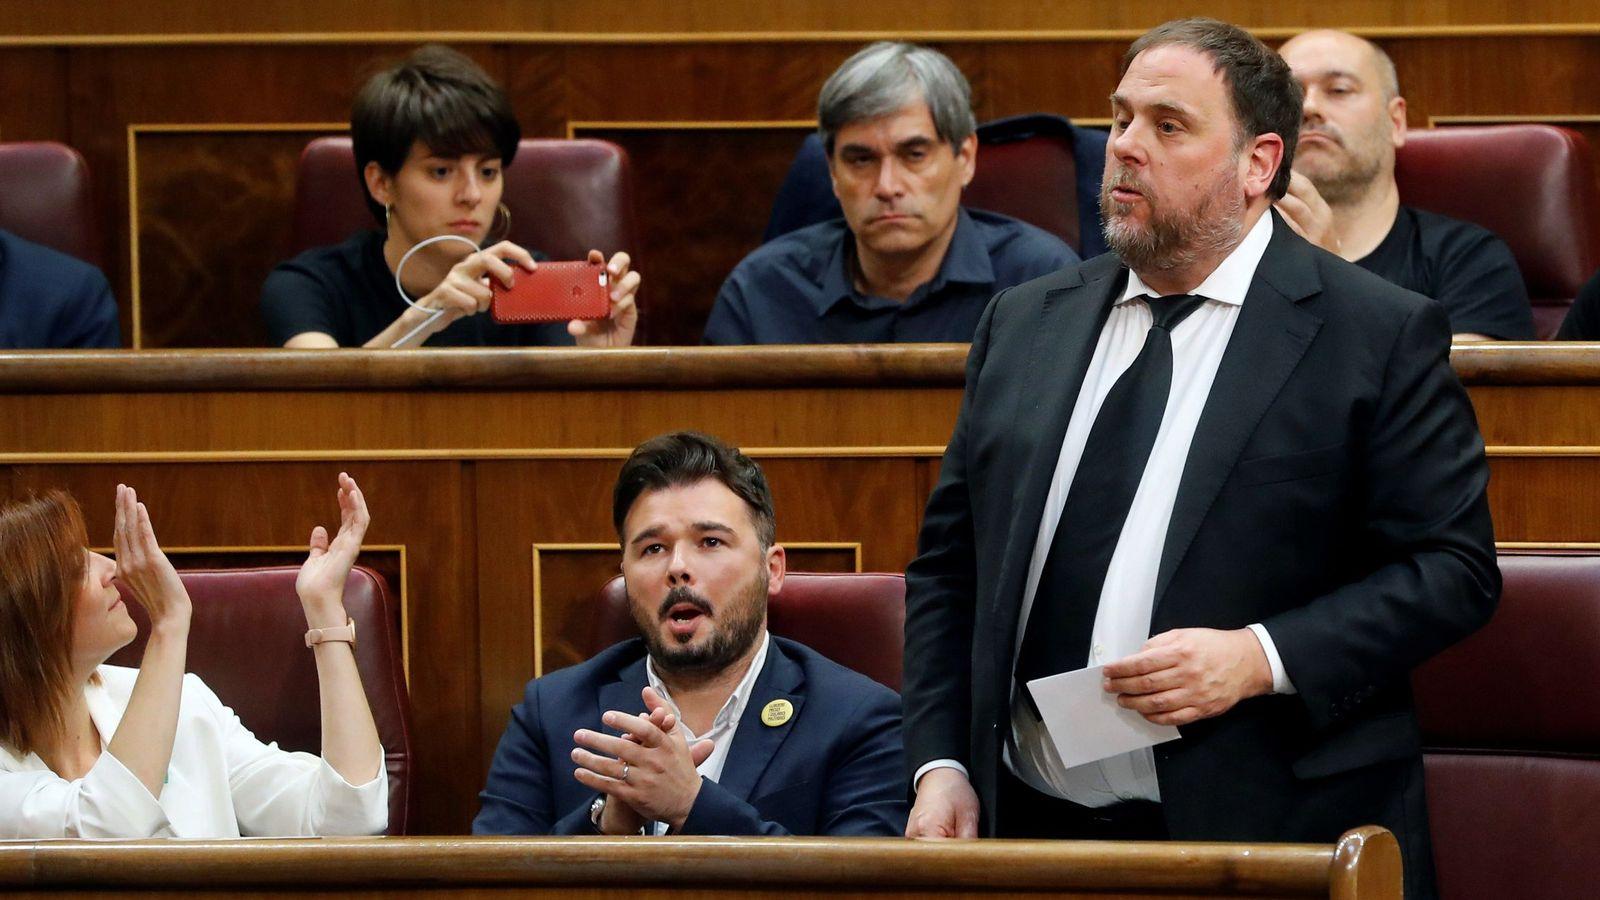 Foto: El líder de ERC, Oriol Junqueras, que se encuentra en prisión provisional, jura o promete su cargo durante la sesión constitutiva de las nuevas Cortes Generales. (EFE)